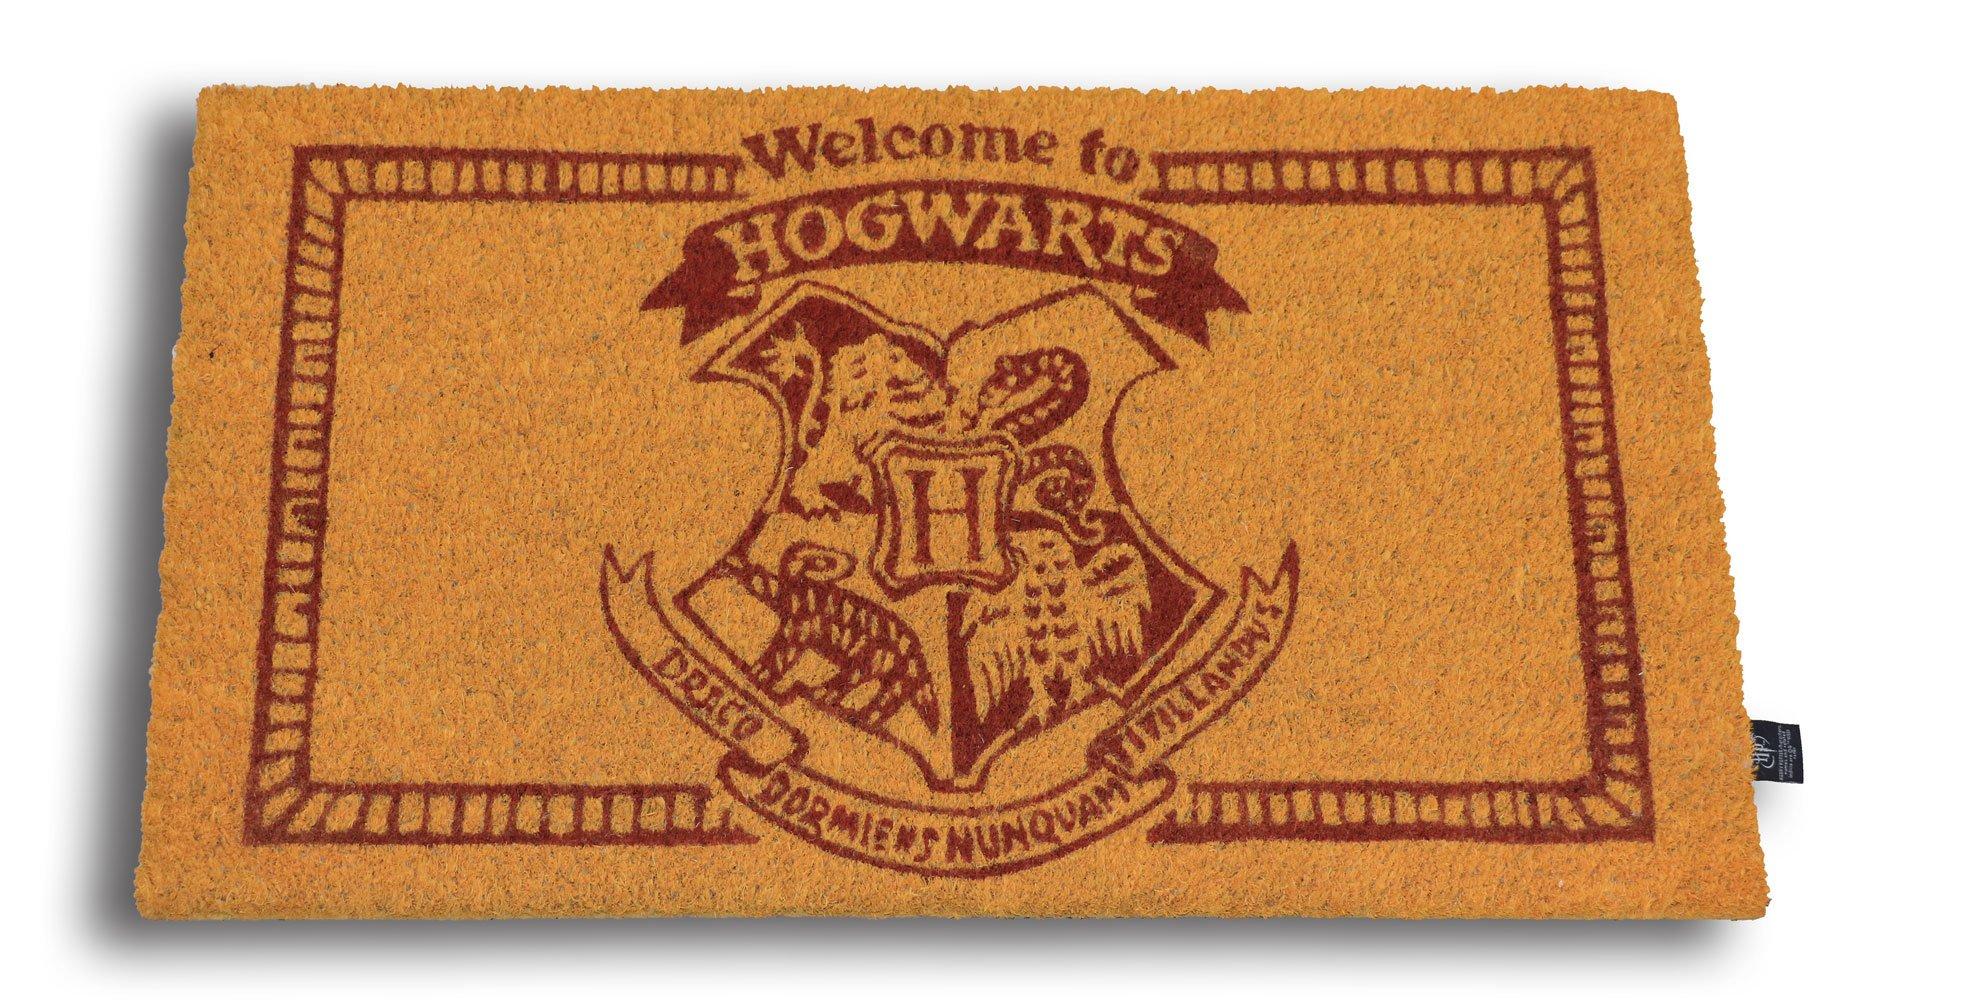 Harry Potter Doormat Welcome To Hogwarts 43 x 72 cm